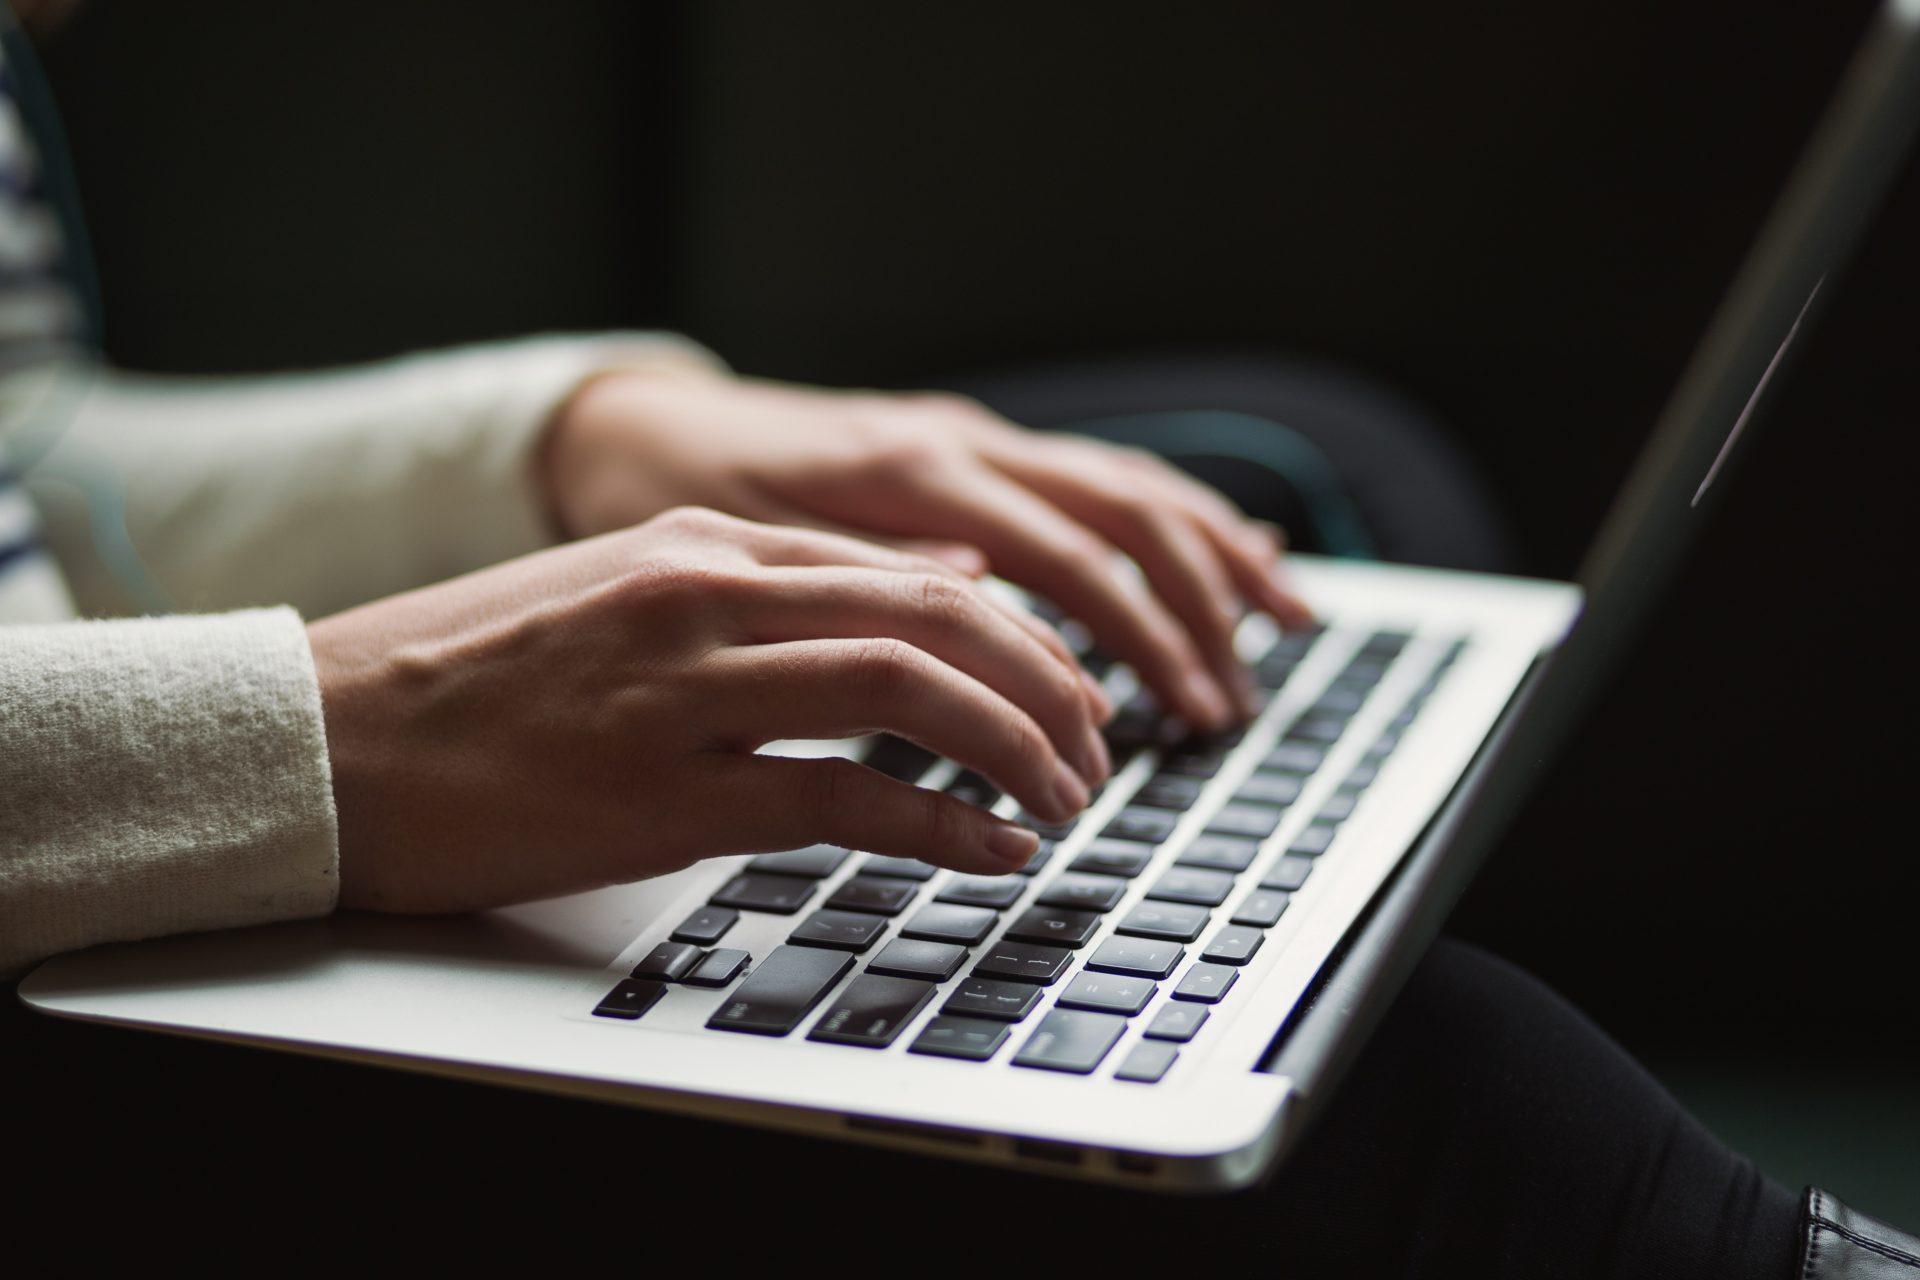 A imaxe amosa as mans dunha rapaza traballando sobre o teclado dun ordenador portátil, en alusión a un dos obradoiros da Normal, que está adicado á creación e coidado dun blog